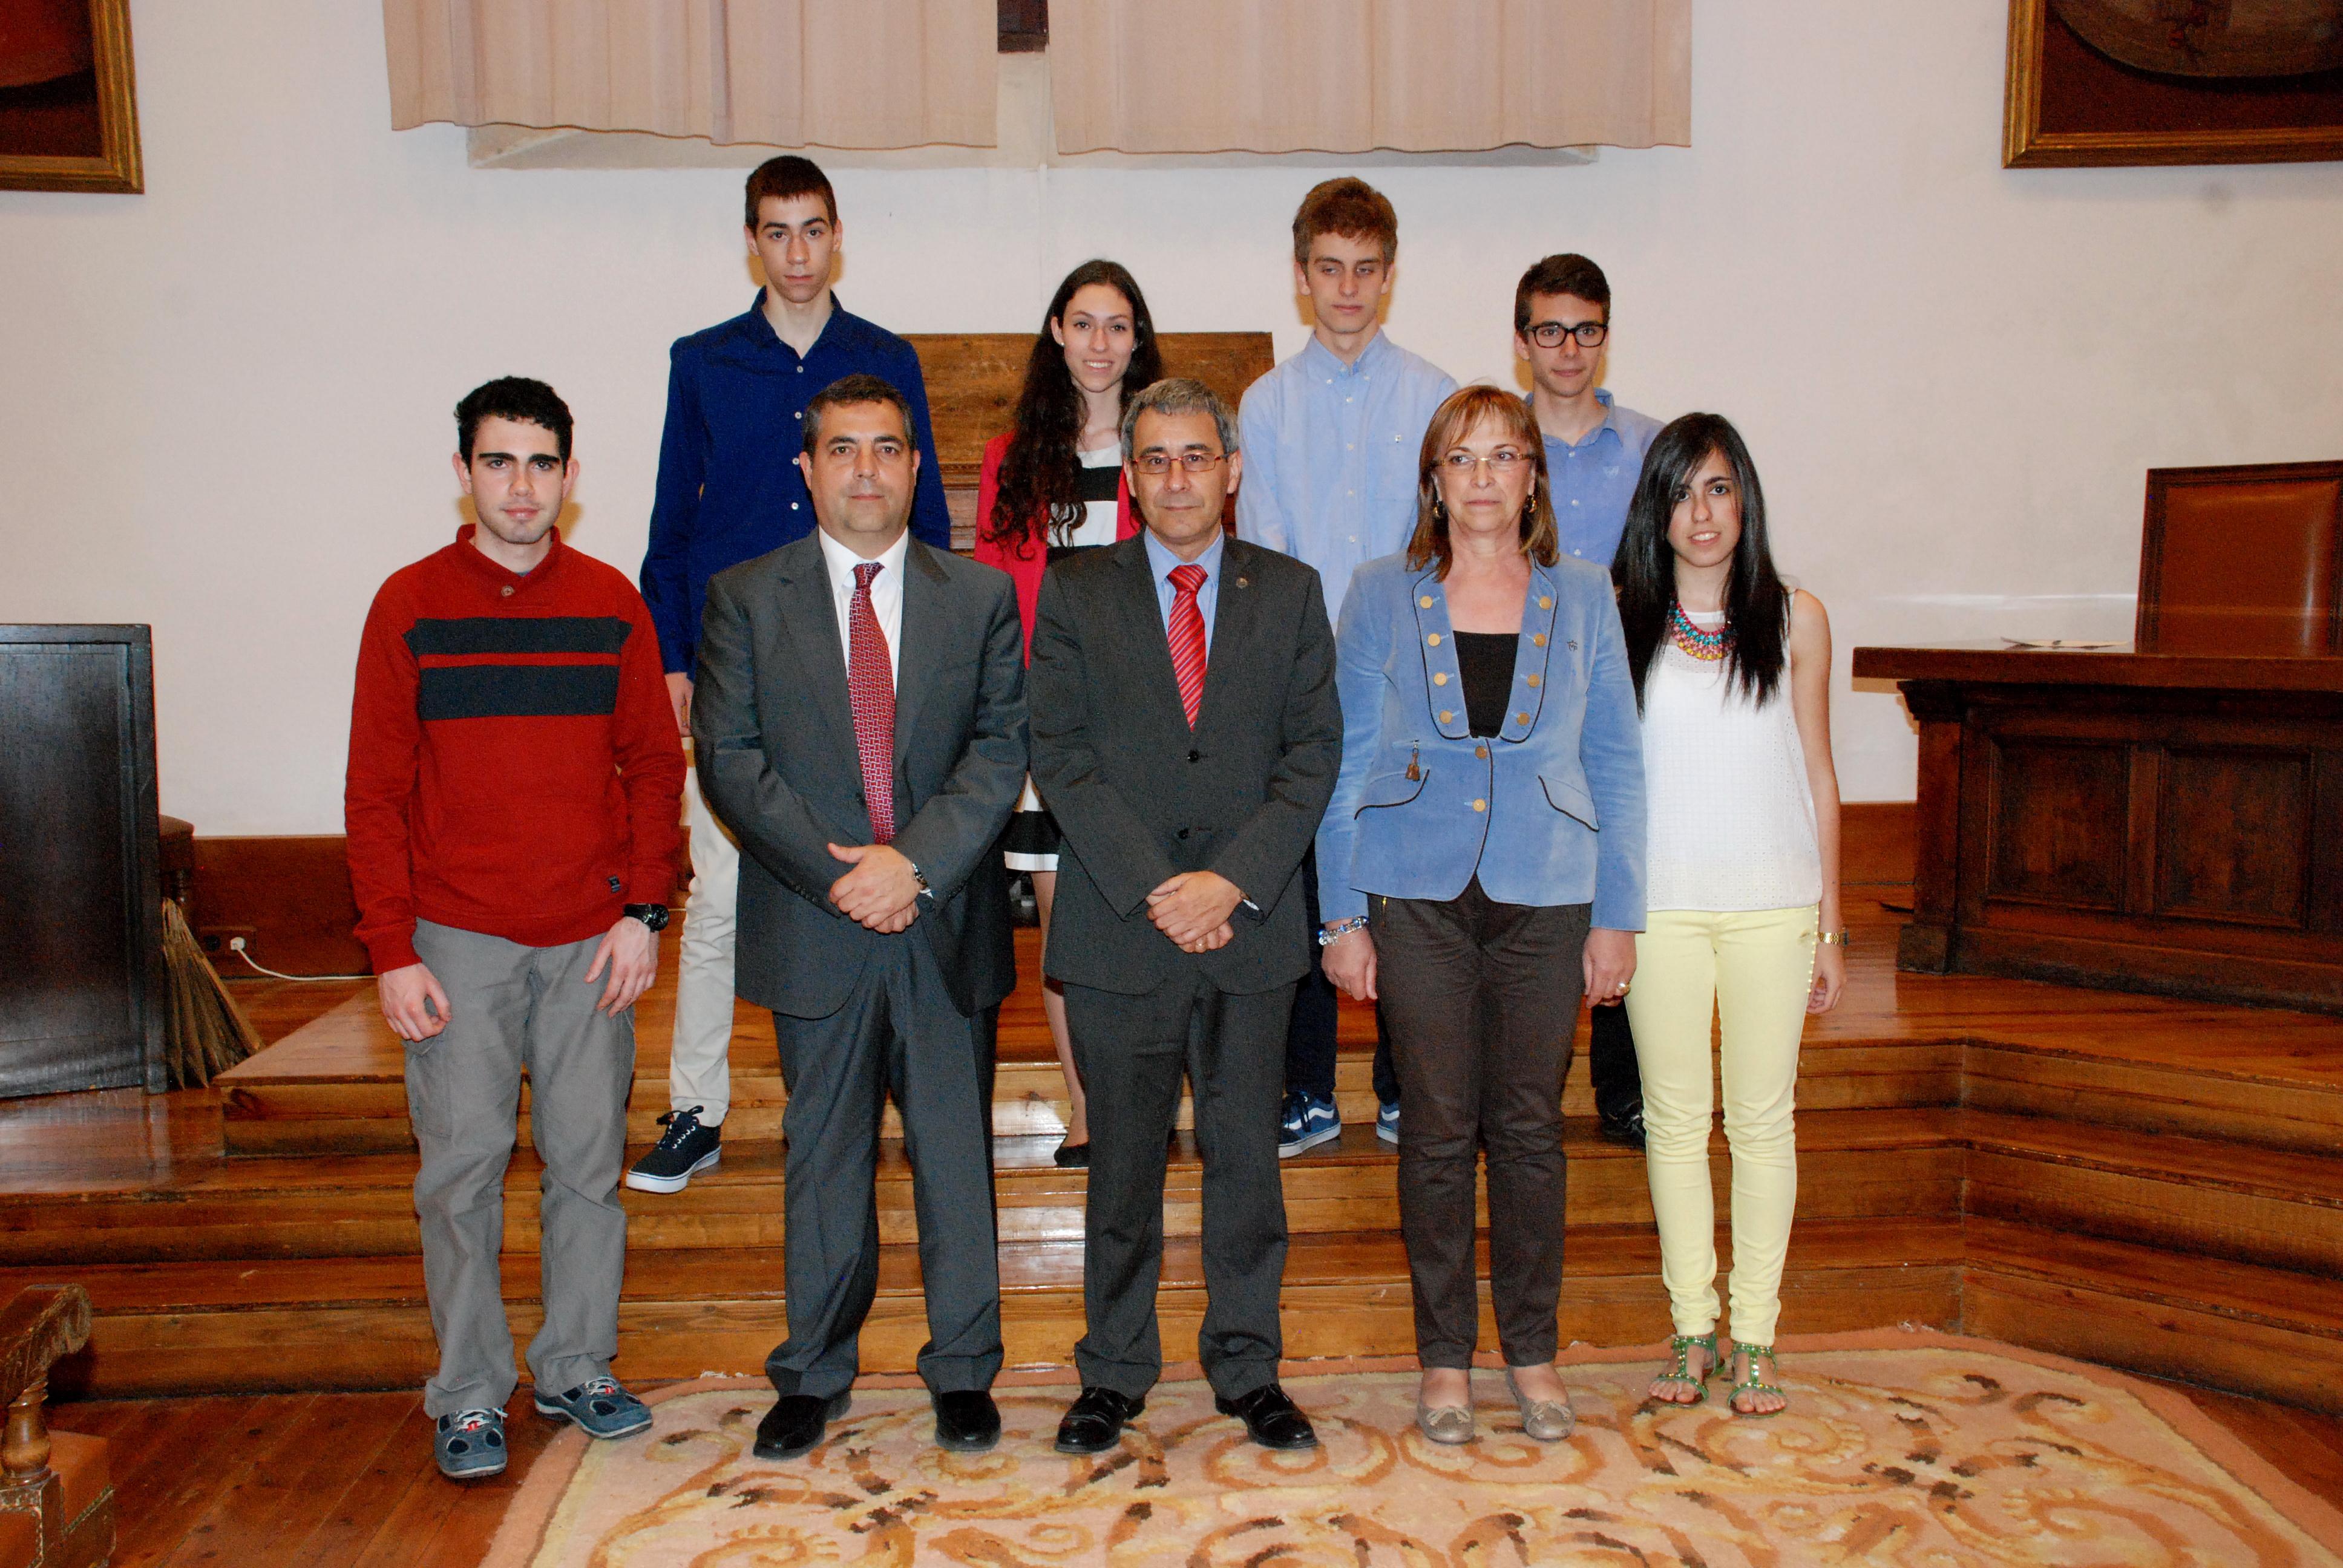 La Facultad de Ciencias Agrarias y Ambientales entrega los premios de la I Olimpiada Agroalimentaria y Agroambiental de Castilla y León